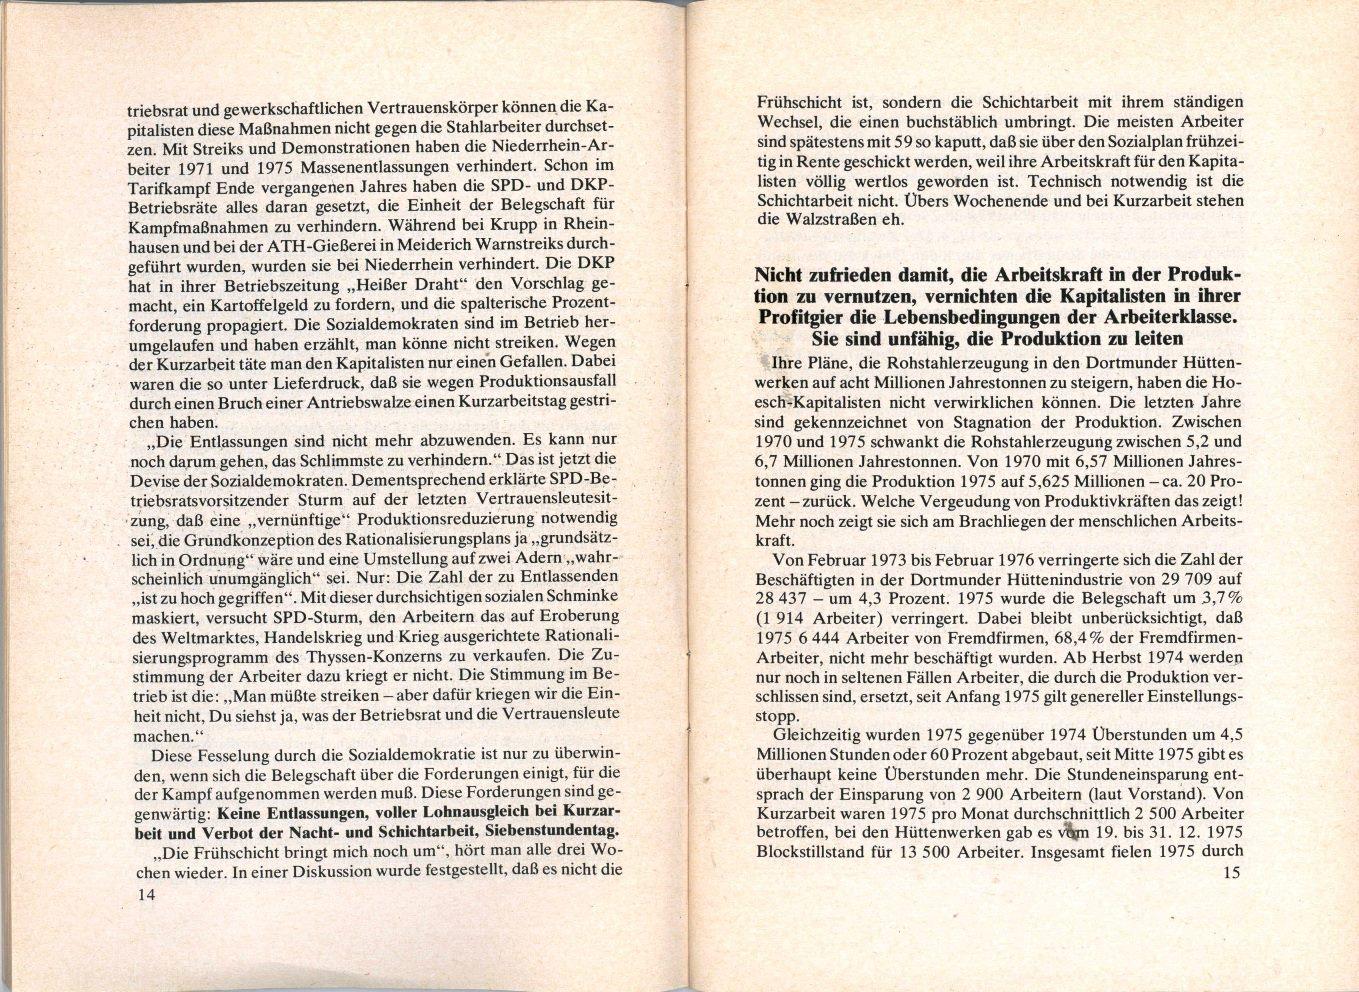 IGM_KBW_Krise_in_der_Stahlindustrie_1977_09